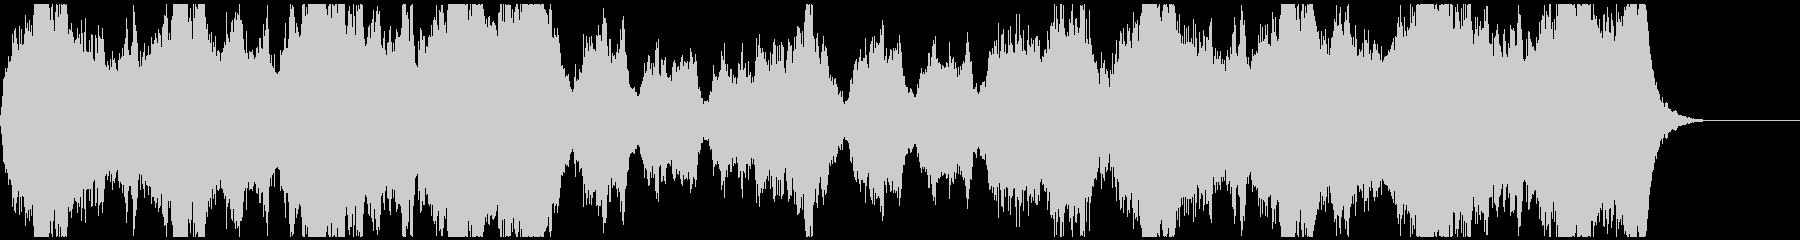 弦楽四重奏の壮大で疾走感のある音楽の未再生の波形